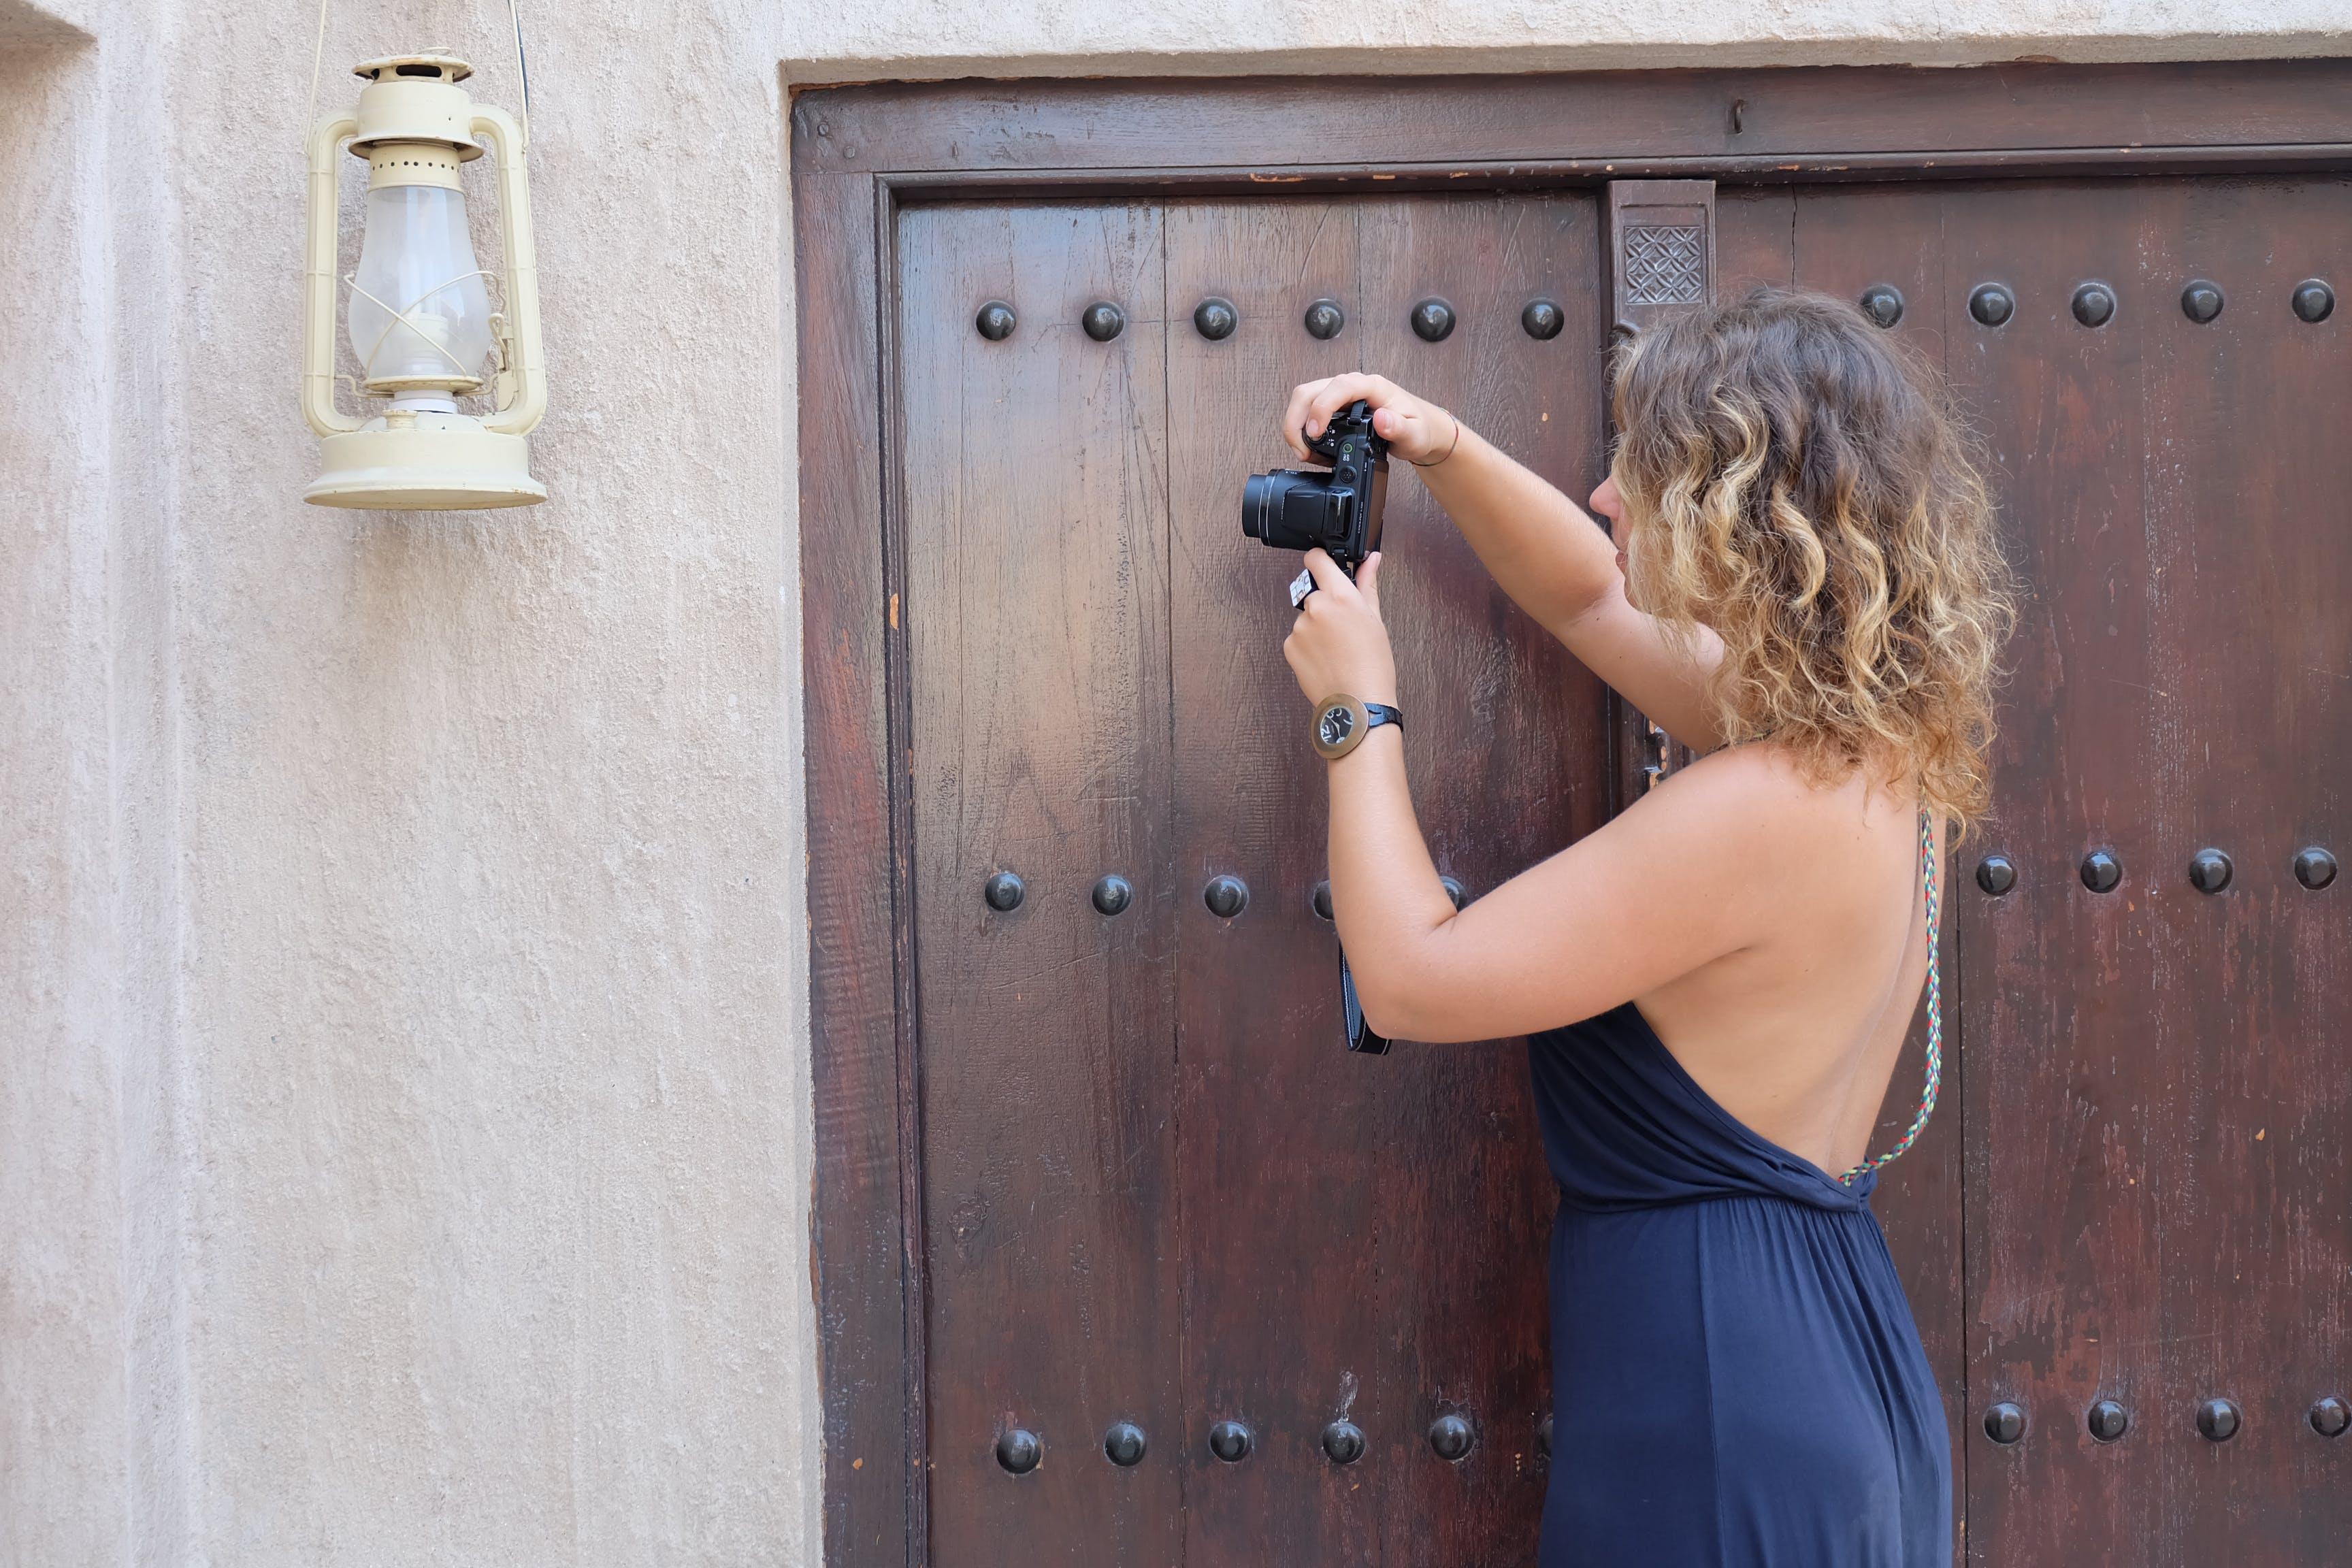 入口, 原本, 古董, 女人 的 免費圖庫相片